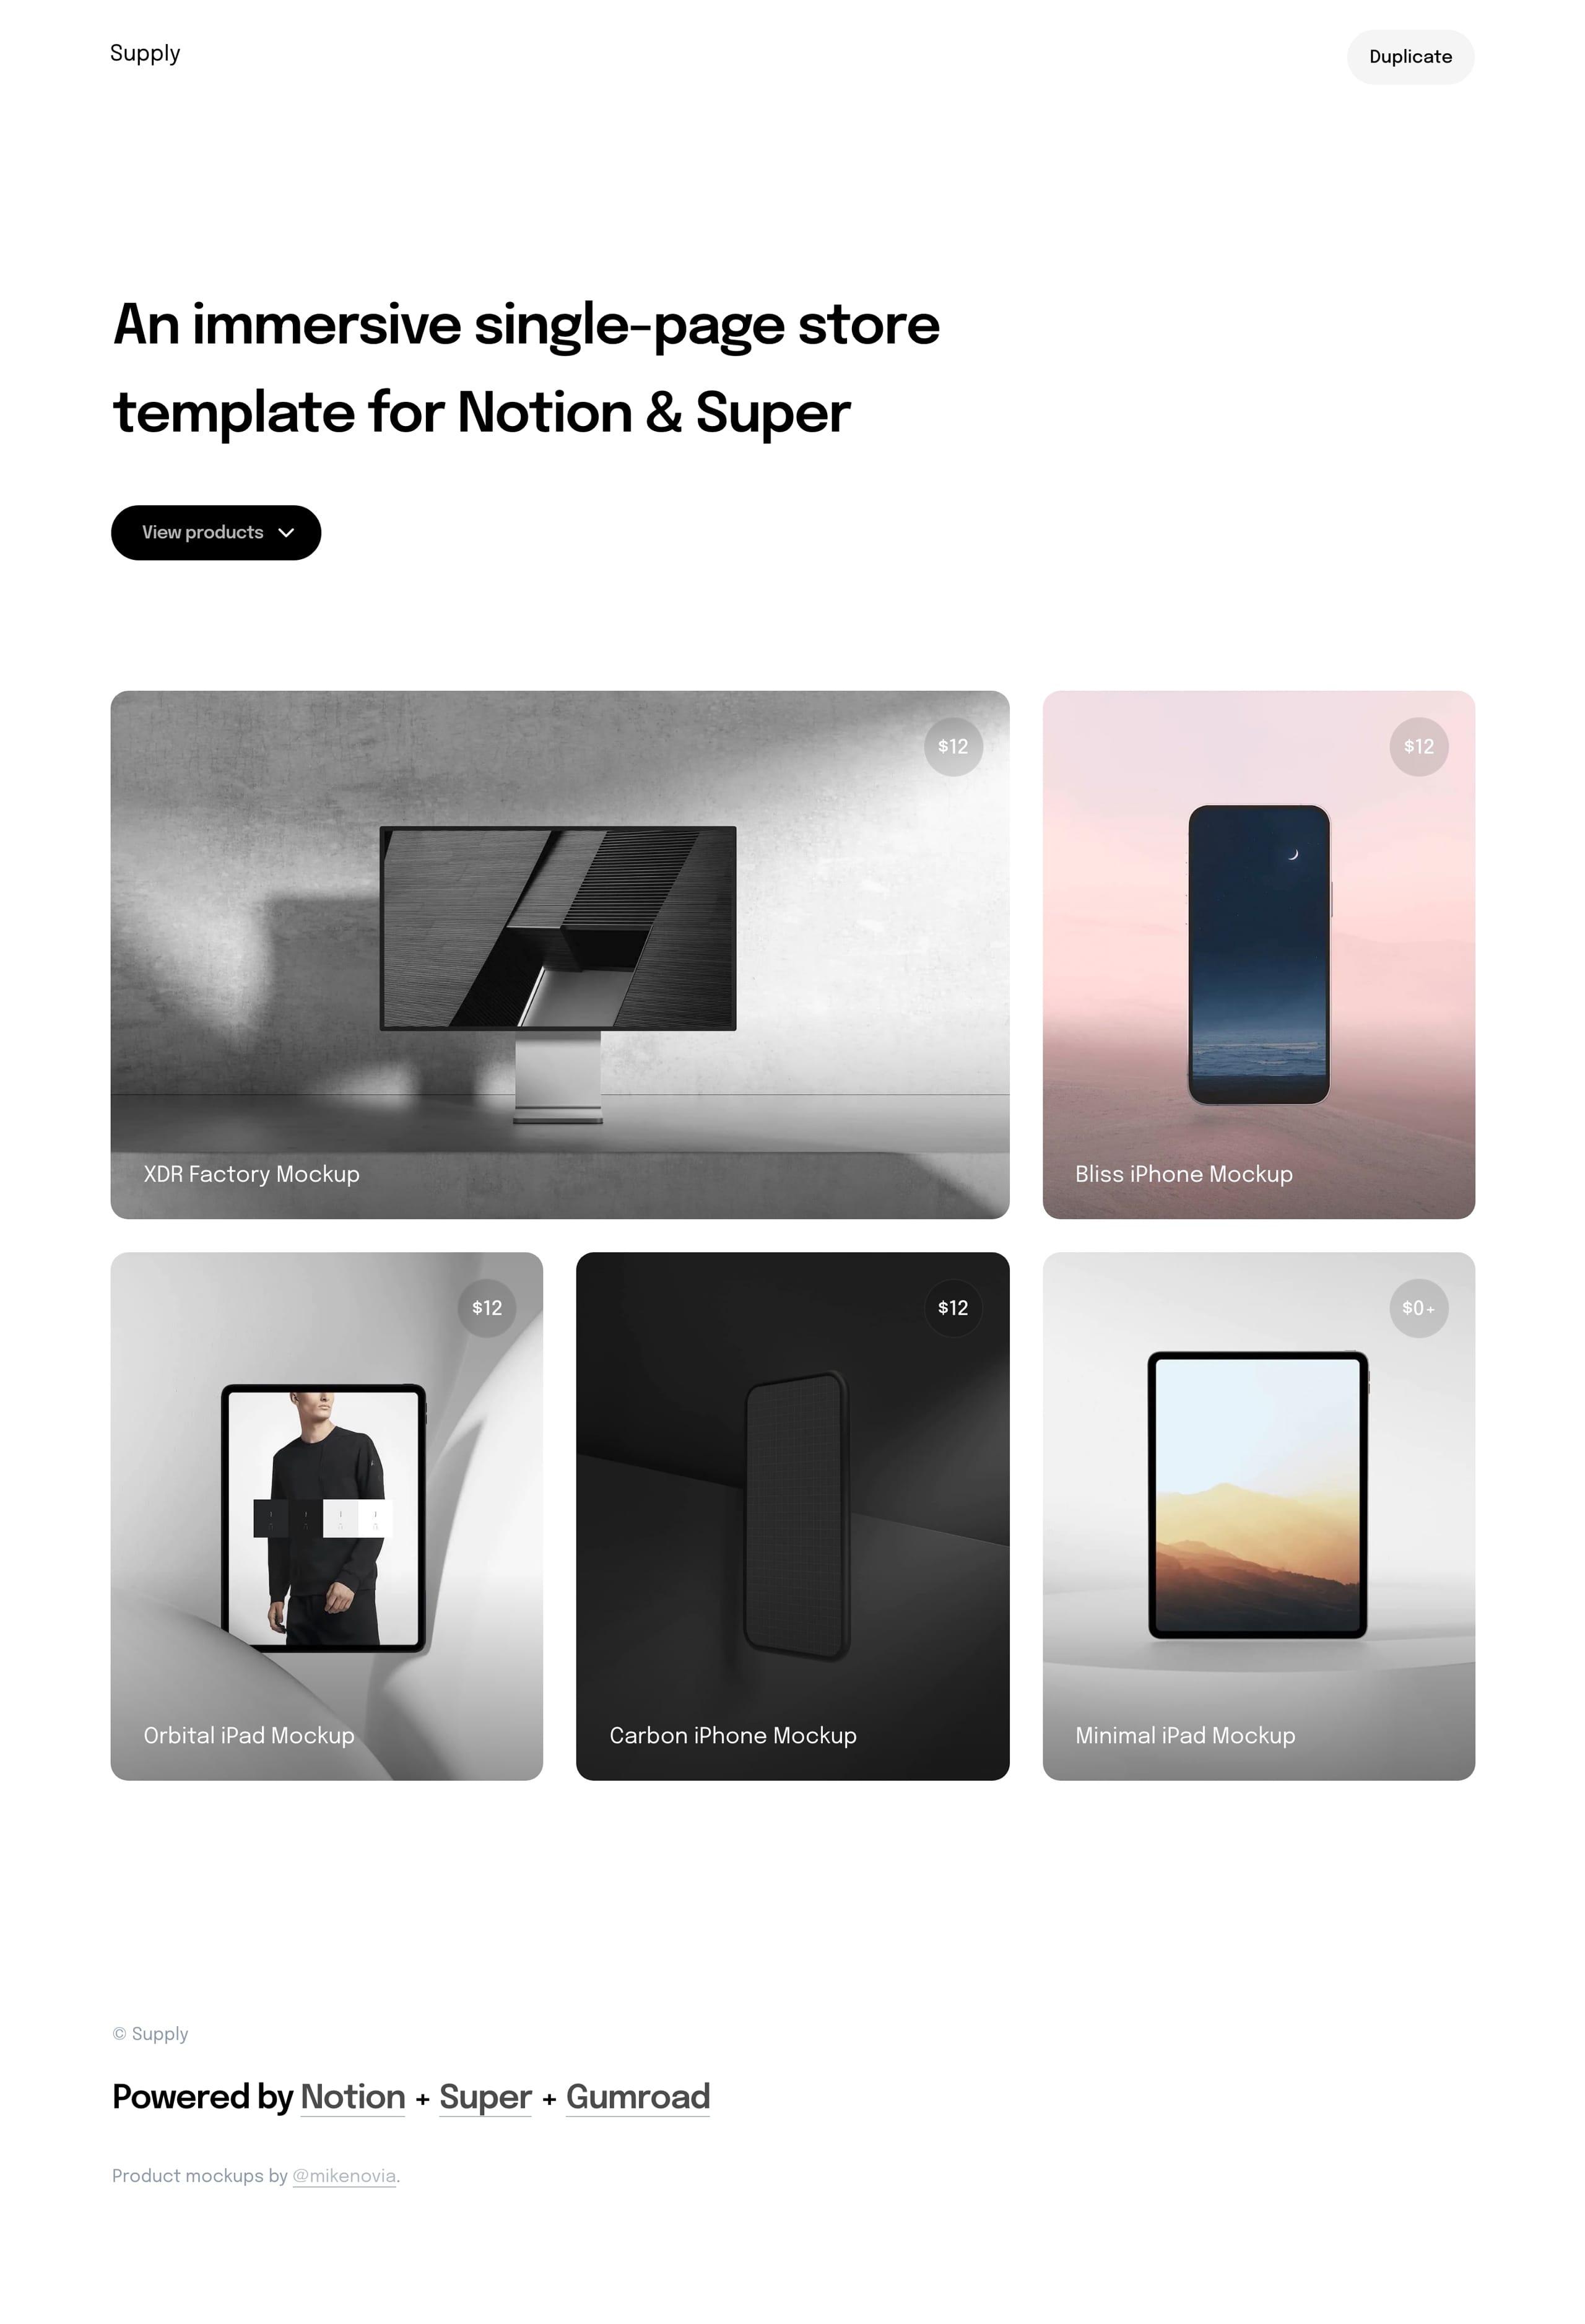 Supply Website Screenshot